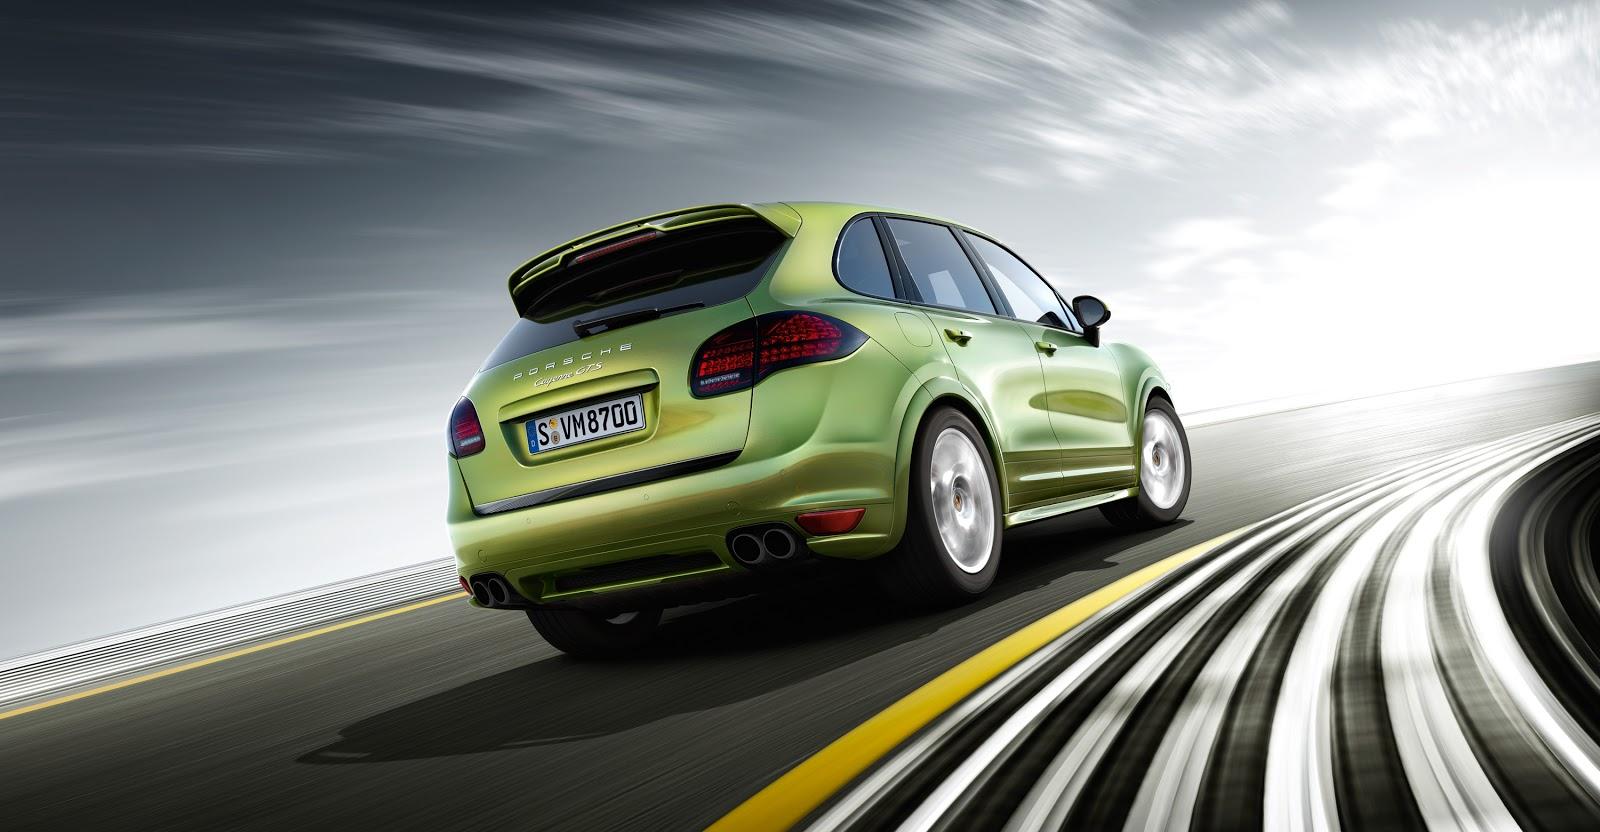 http://4.bp.blogspot.com/-okFj-HYyNl0/UHppHuOXMgI/AAAAAAAAFM0/JAHBM_TRNew/s1600/2012-Porsche-Cayenne-GTS-Peridot-Metallic-Porsche-wallpaper_04.jpeg